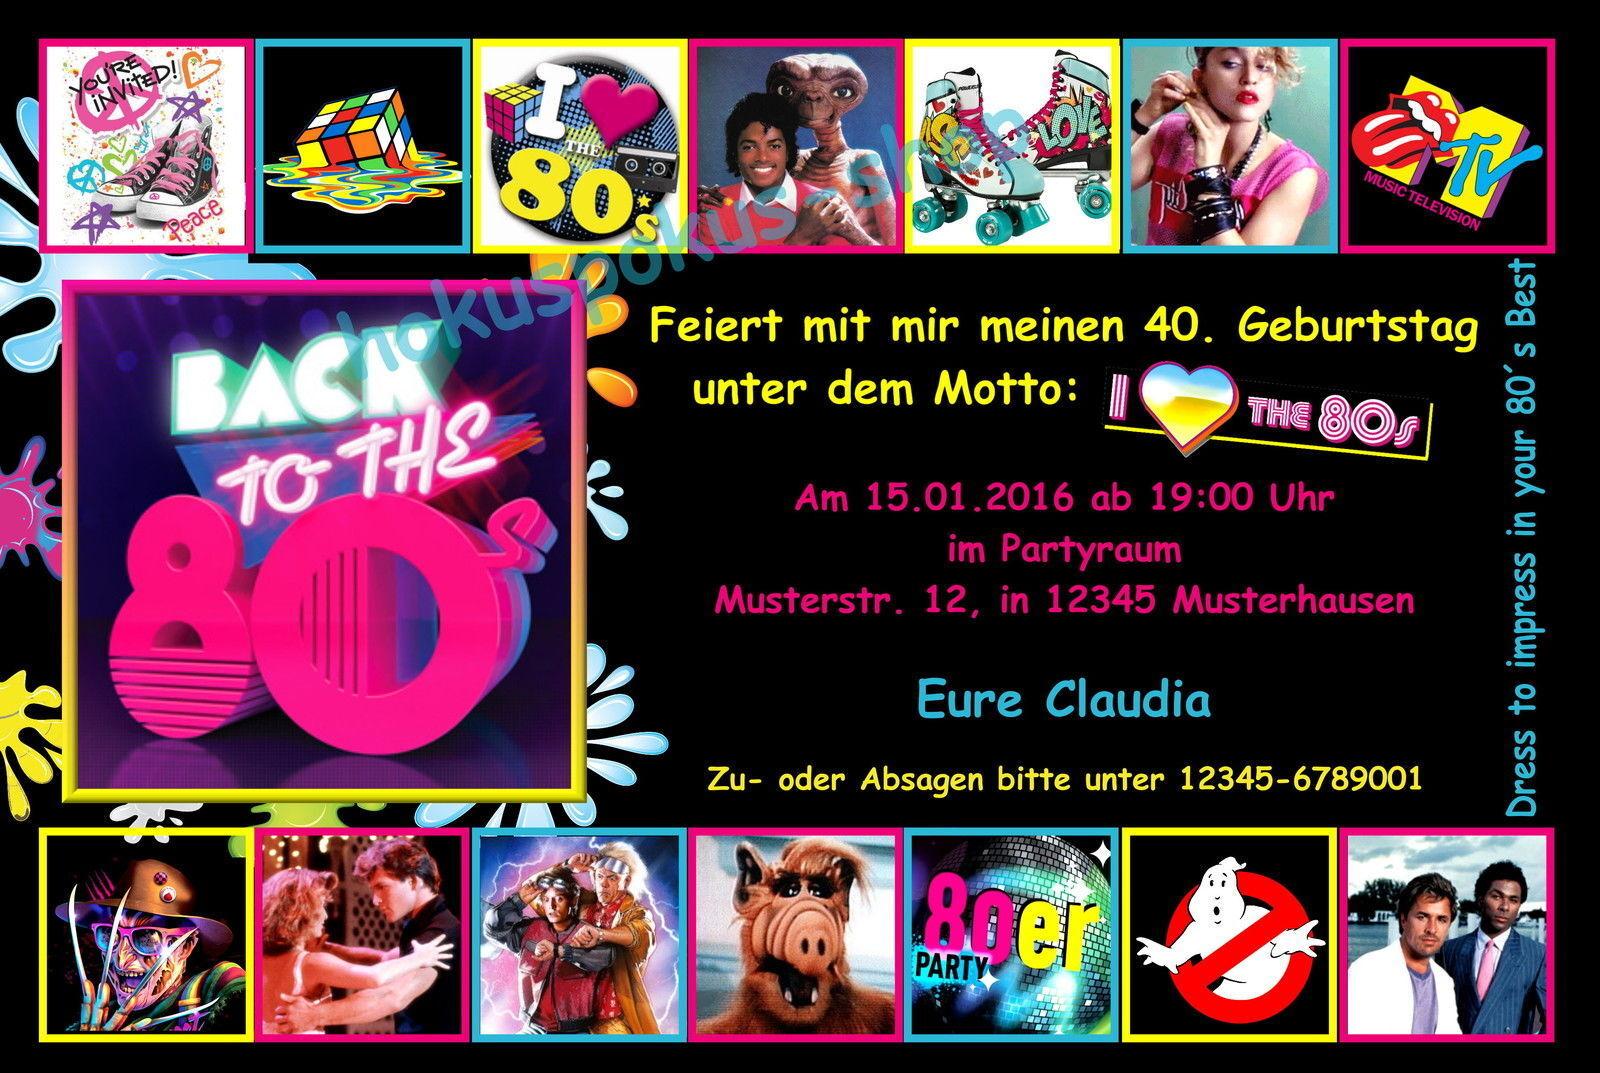 20 Einladungskarten Geburtstag Einladungen Geburtstagseinladungen 80s 80er Disco   | Einfach zu bedienen  | Berühmter Laden